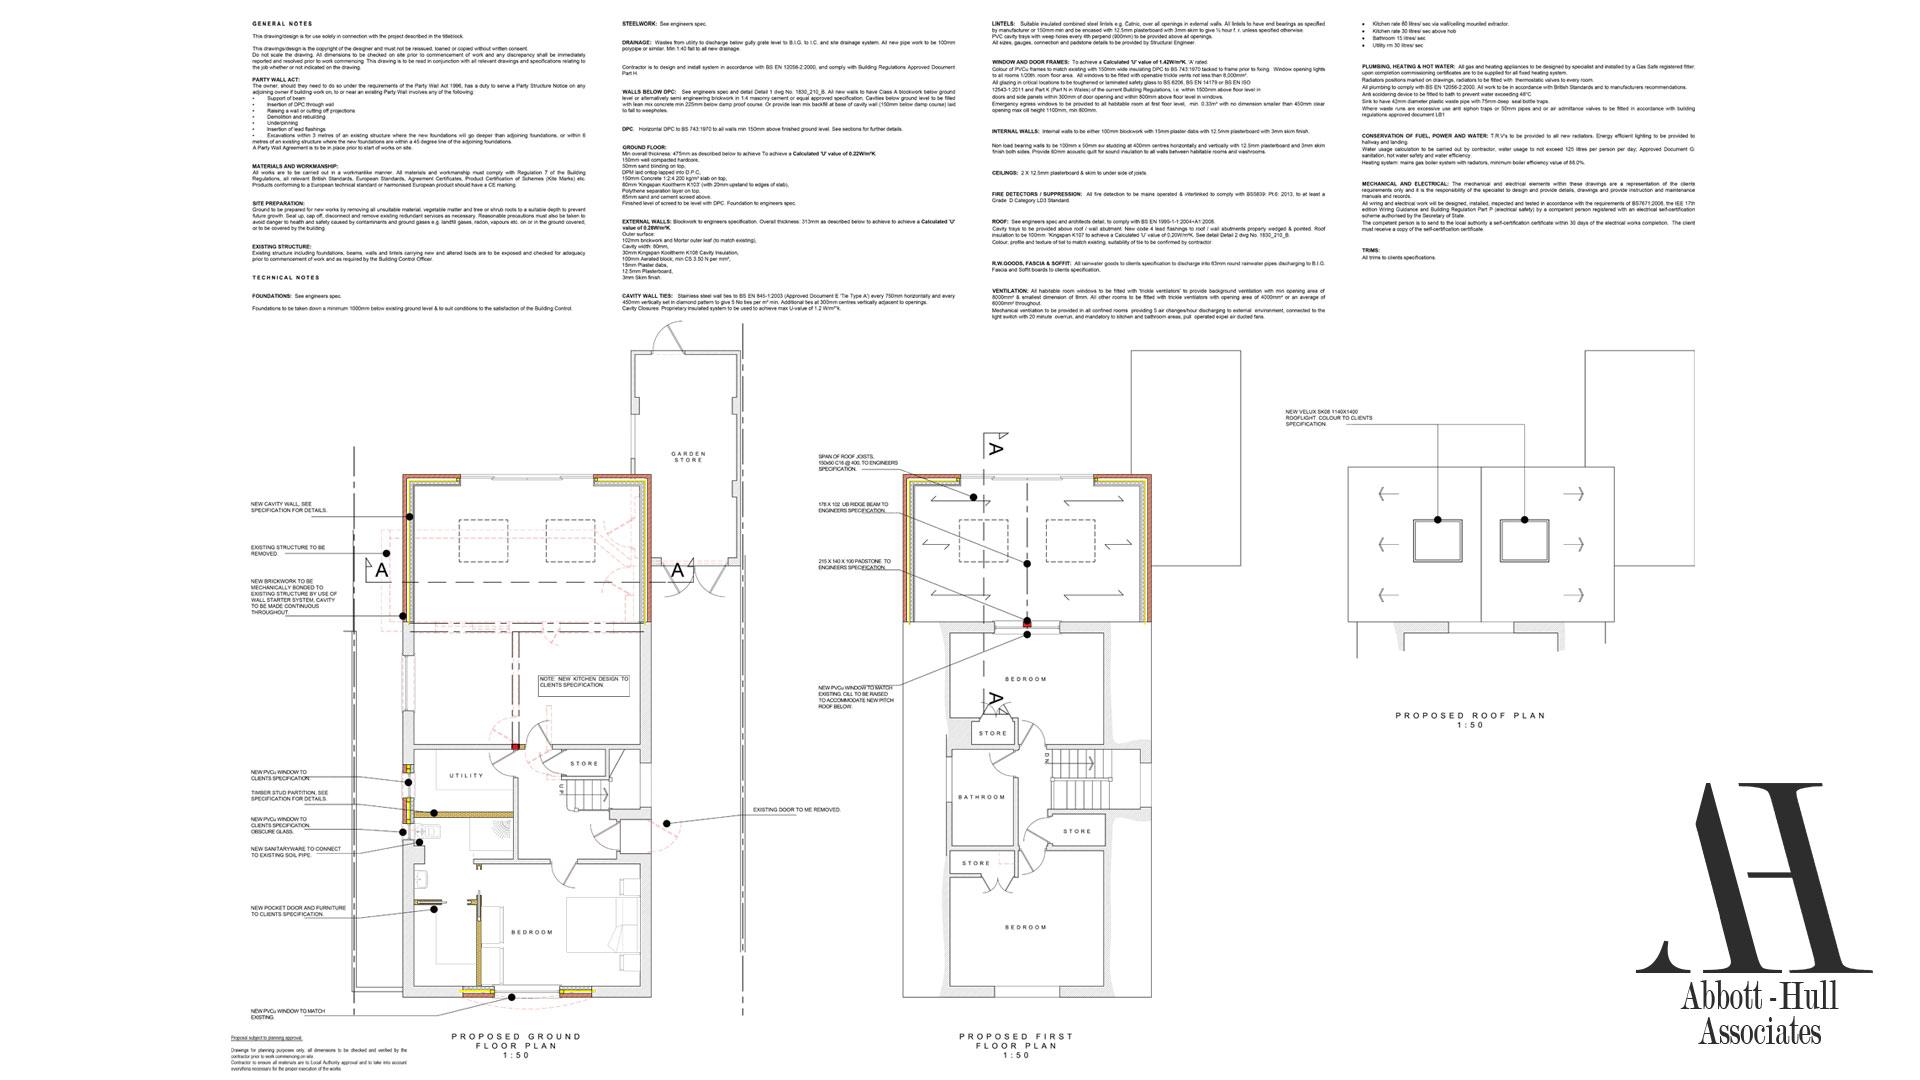 10 Oakwood Avenue, Lytham St. Annes - Details